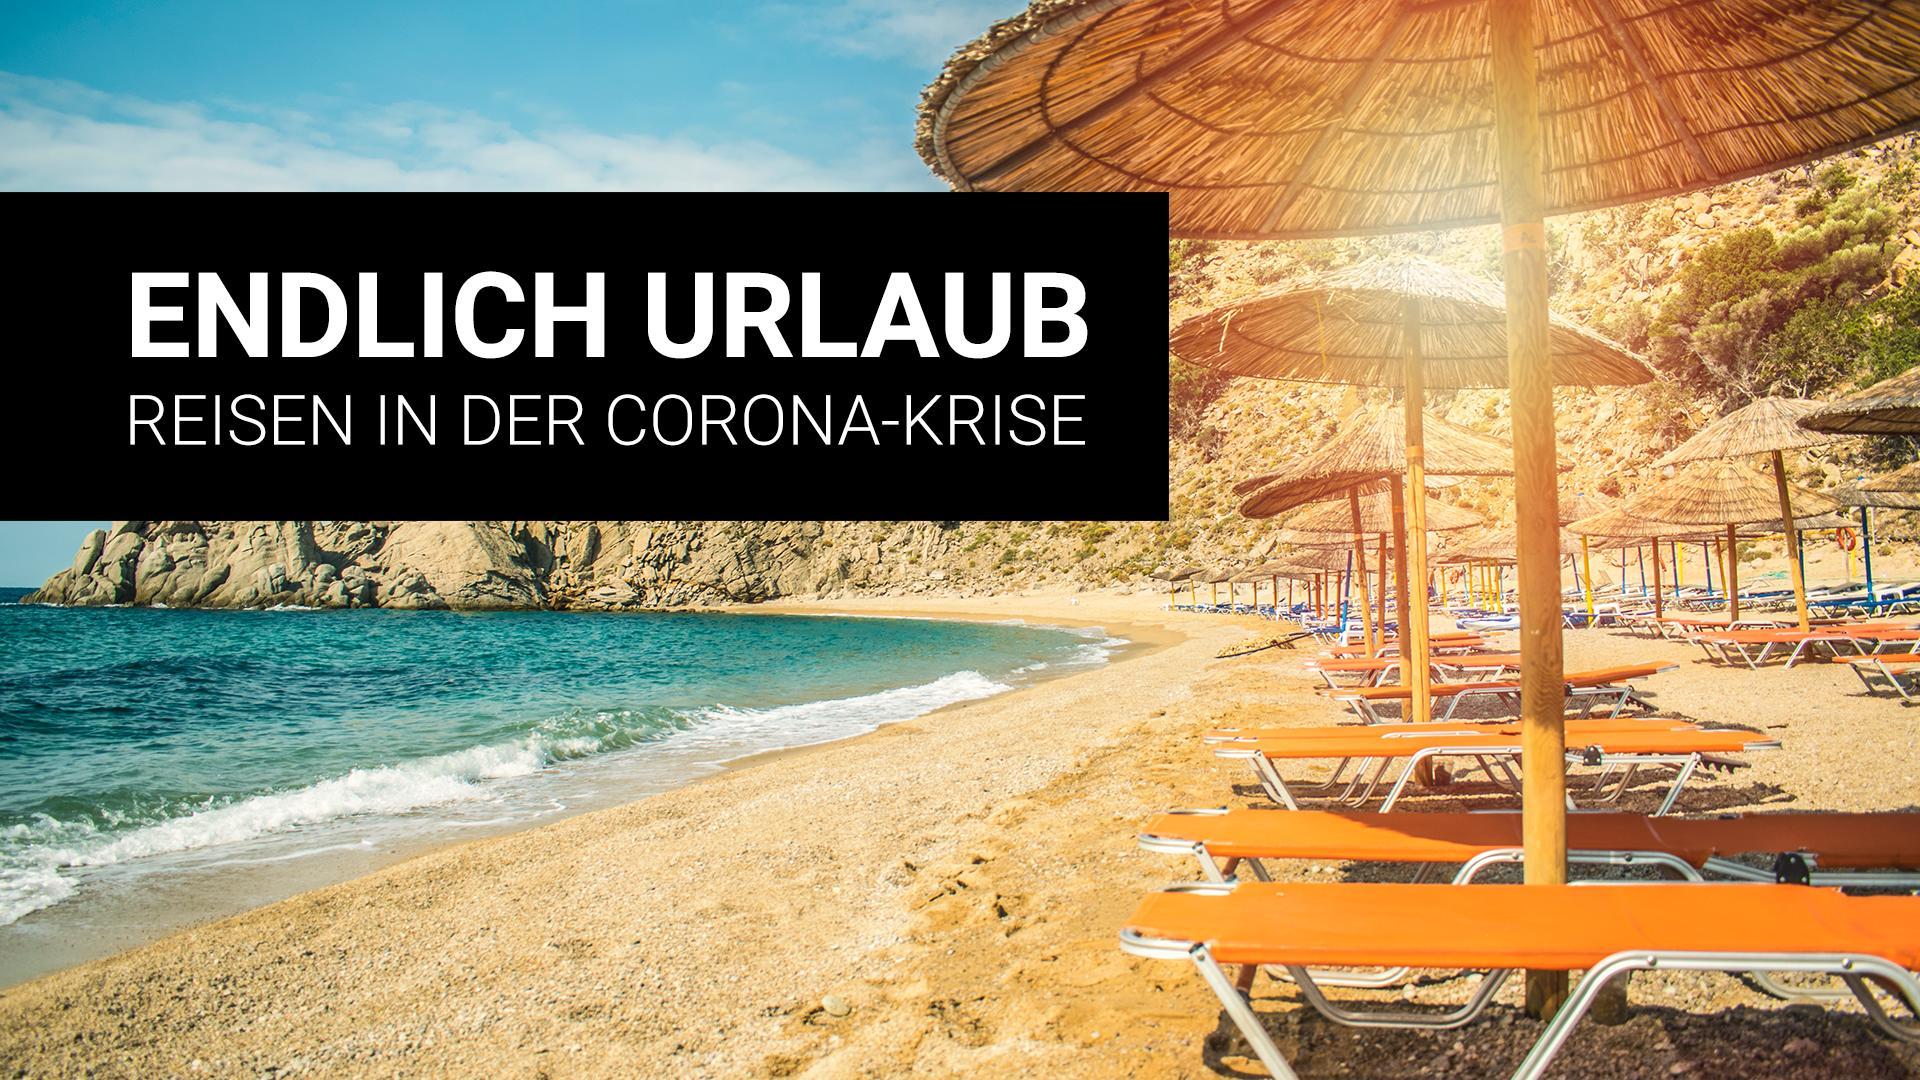 Endlich wieder Urlaub - Reisen in der Corona-Krise